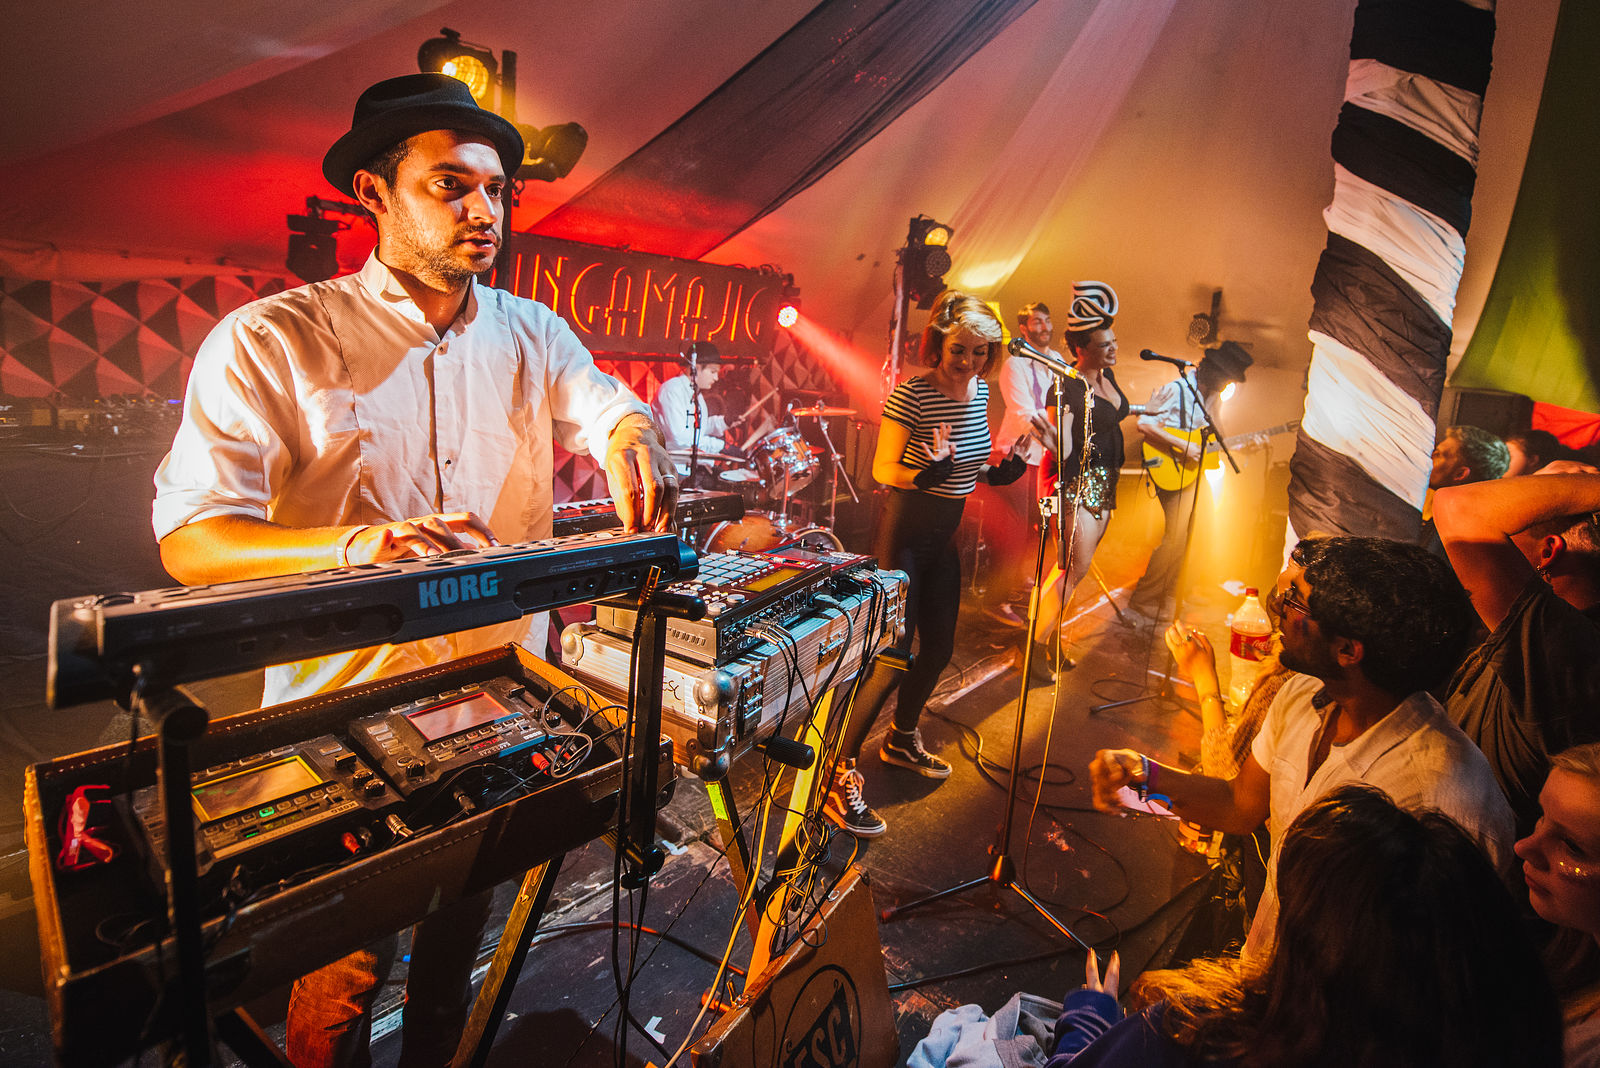 Electric Swing Circus